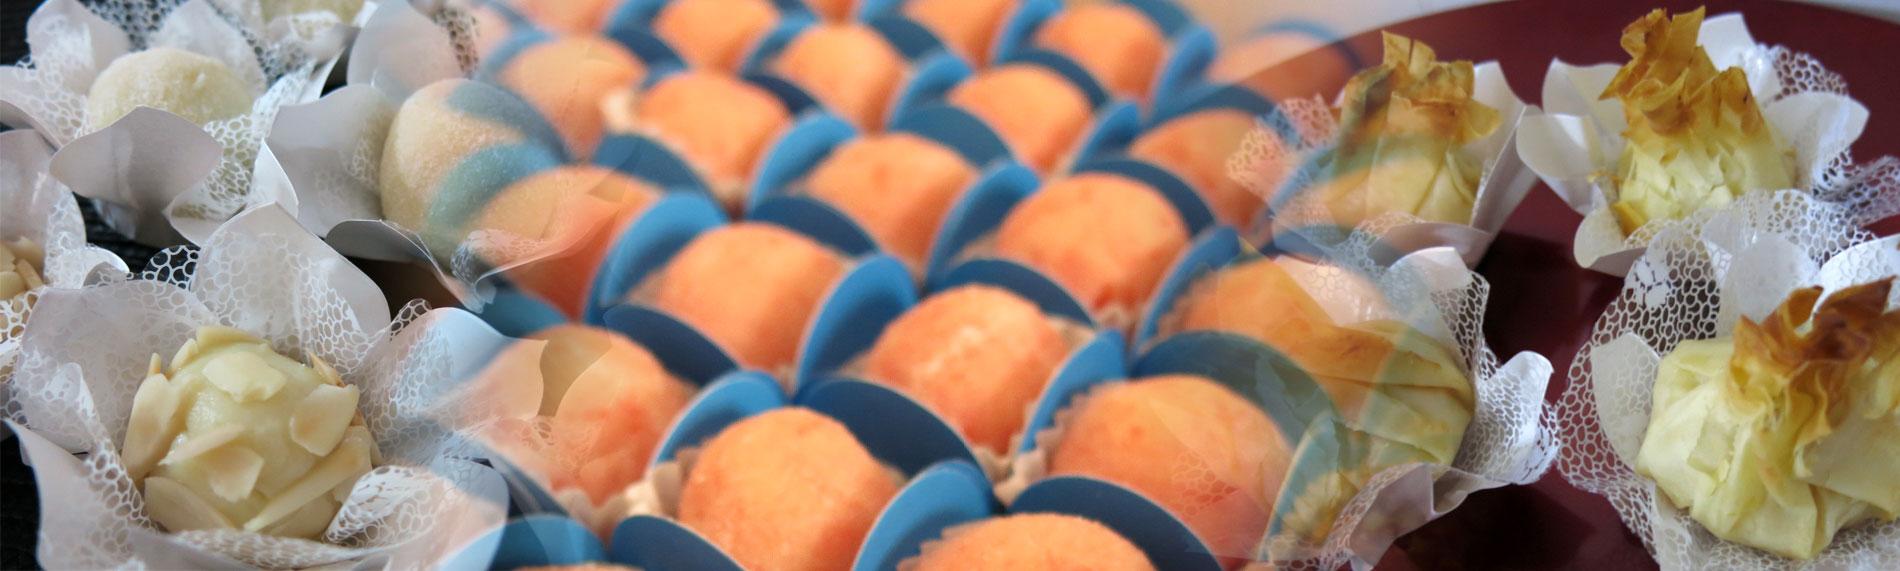 doces-finos-doces-dias-1